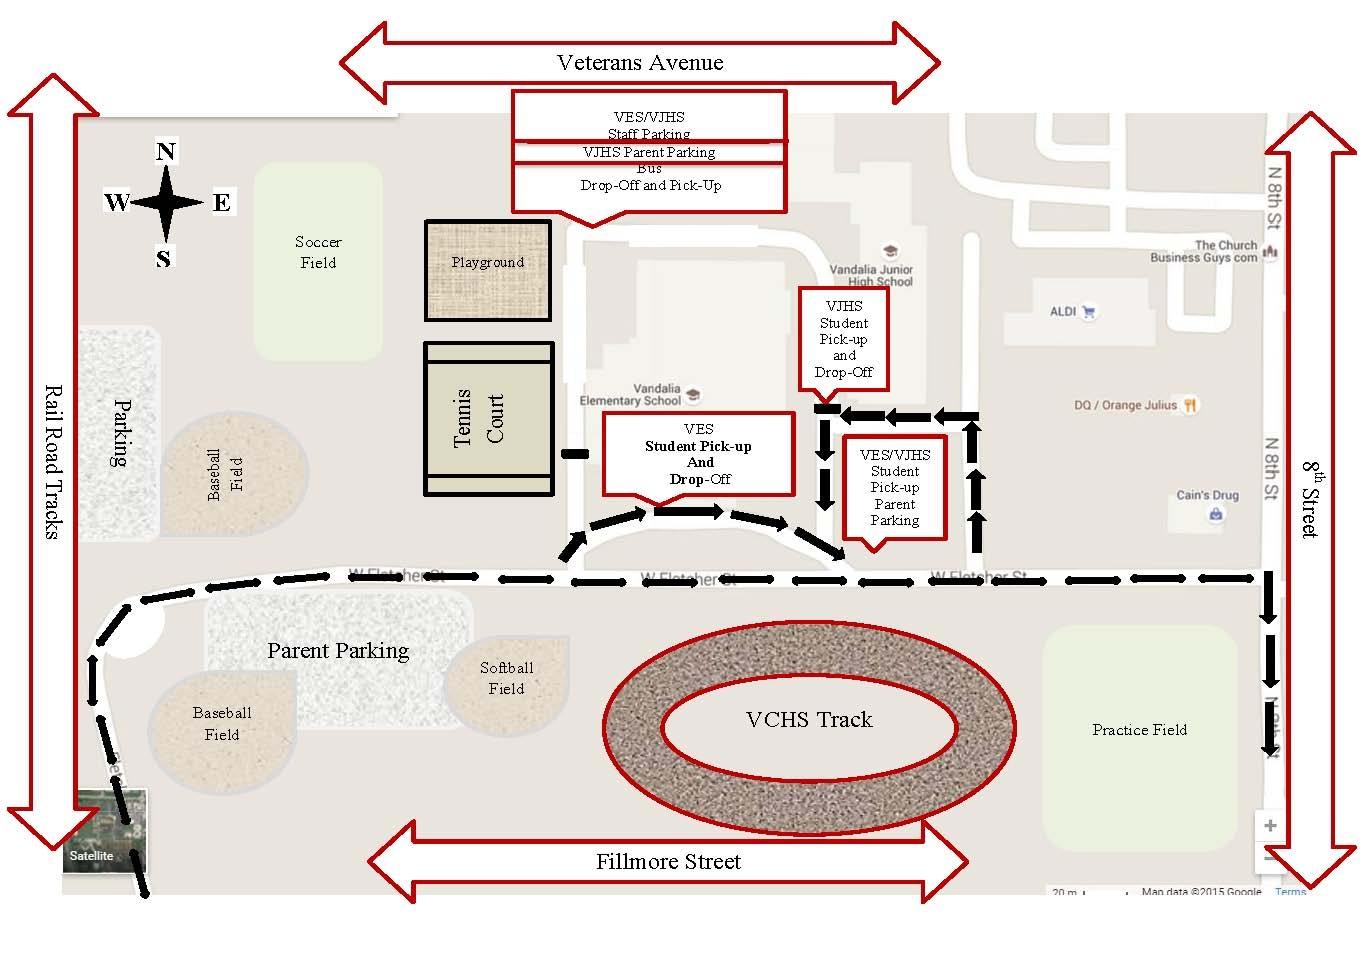 Traffic Flow map for Vandalia Jr High & Elem School areas